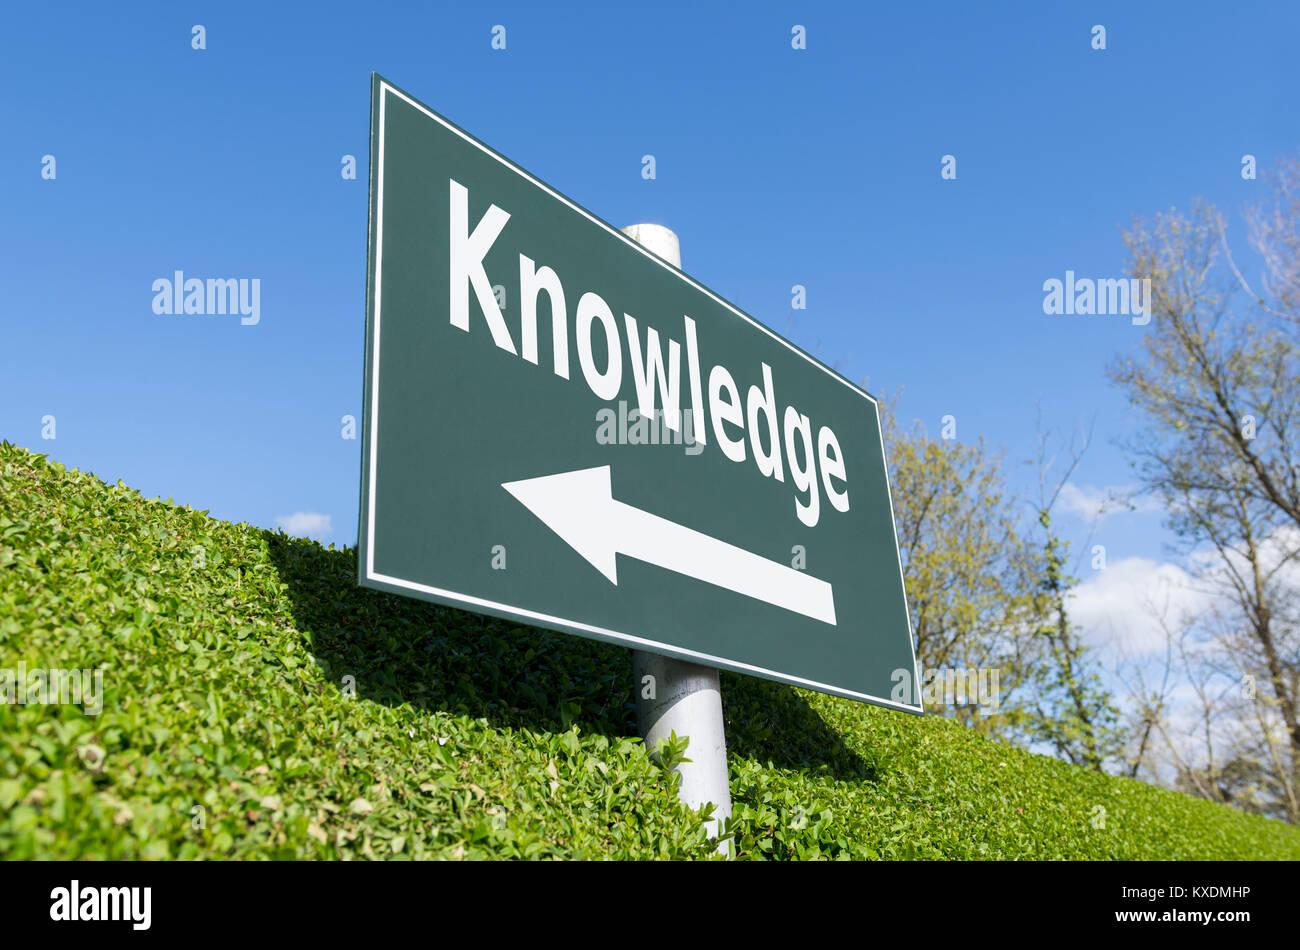 Wissen-Konzept. Wegweiser in Richtung des Wissens. Stockbild